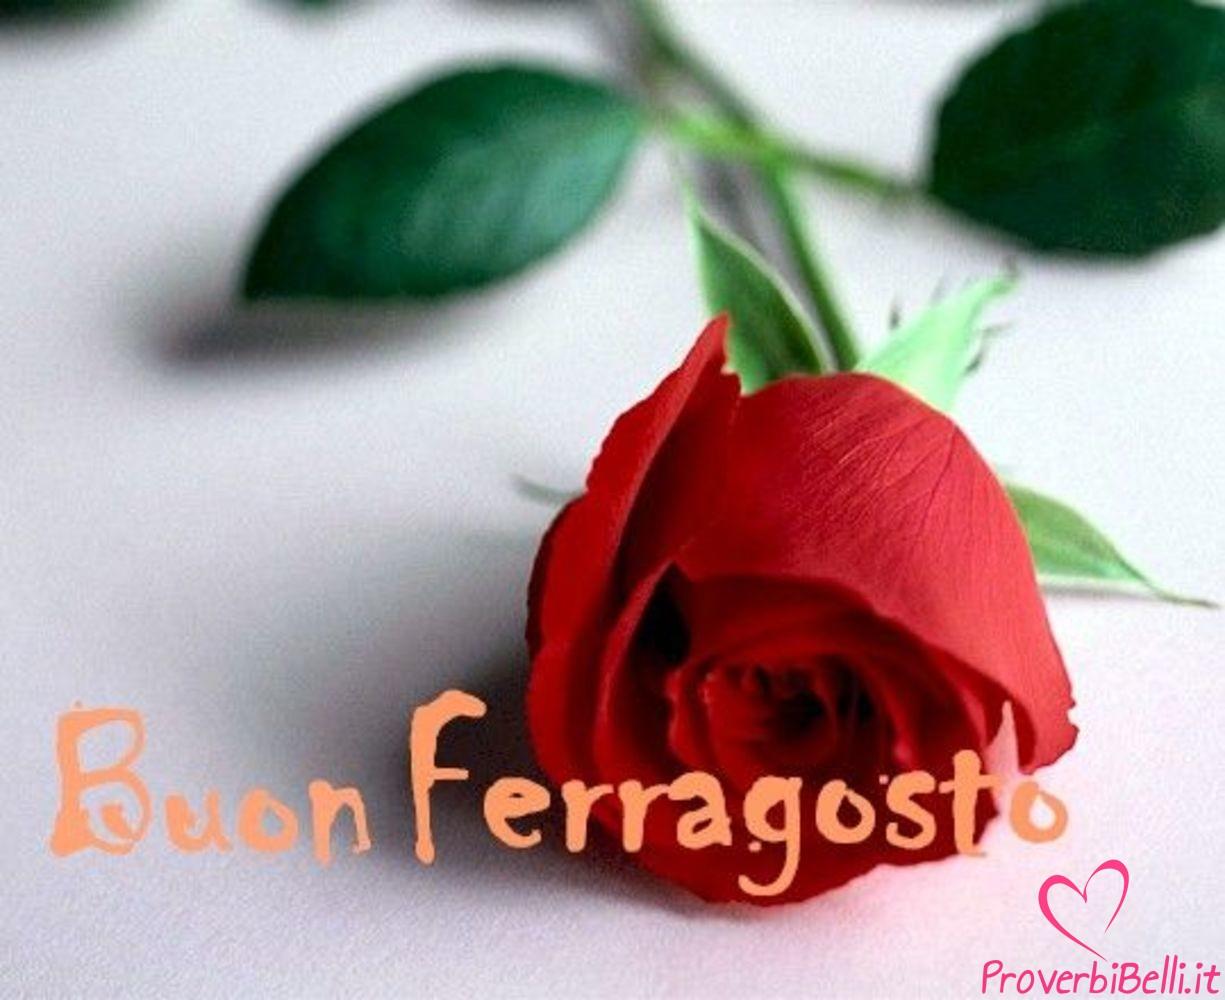 Ferragosto-Immagini-Whatsapp-Belle-77